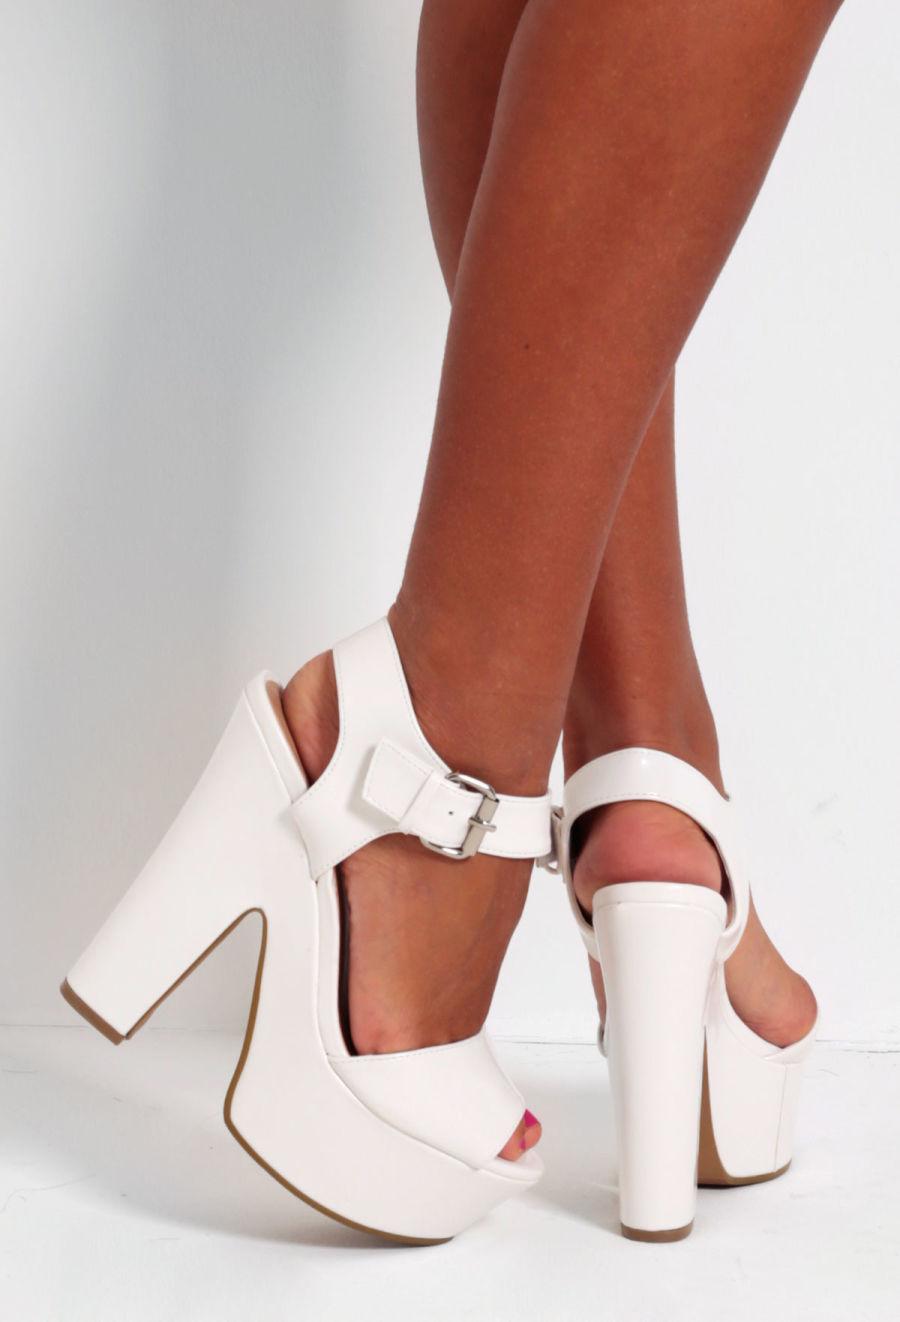 white wedding wedge shoes photo - 1